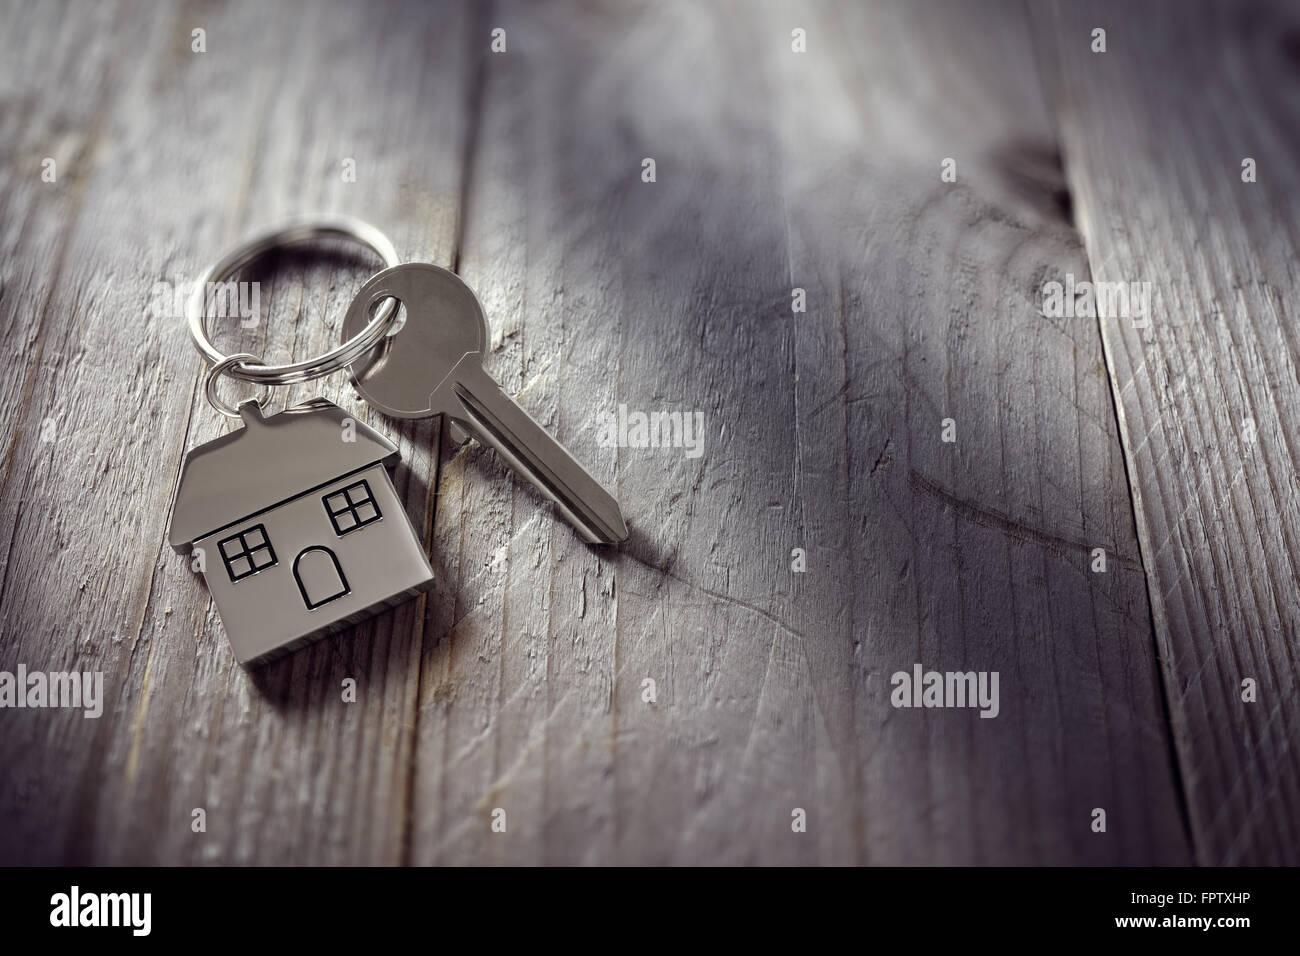 Haus-Schlüssel am Schlüsselbund Stockbild